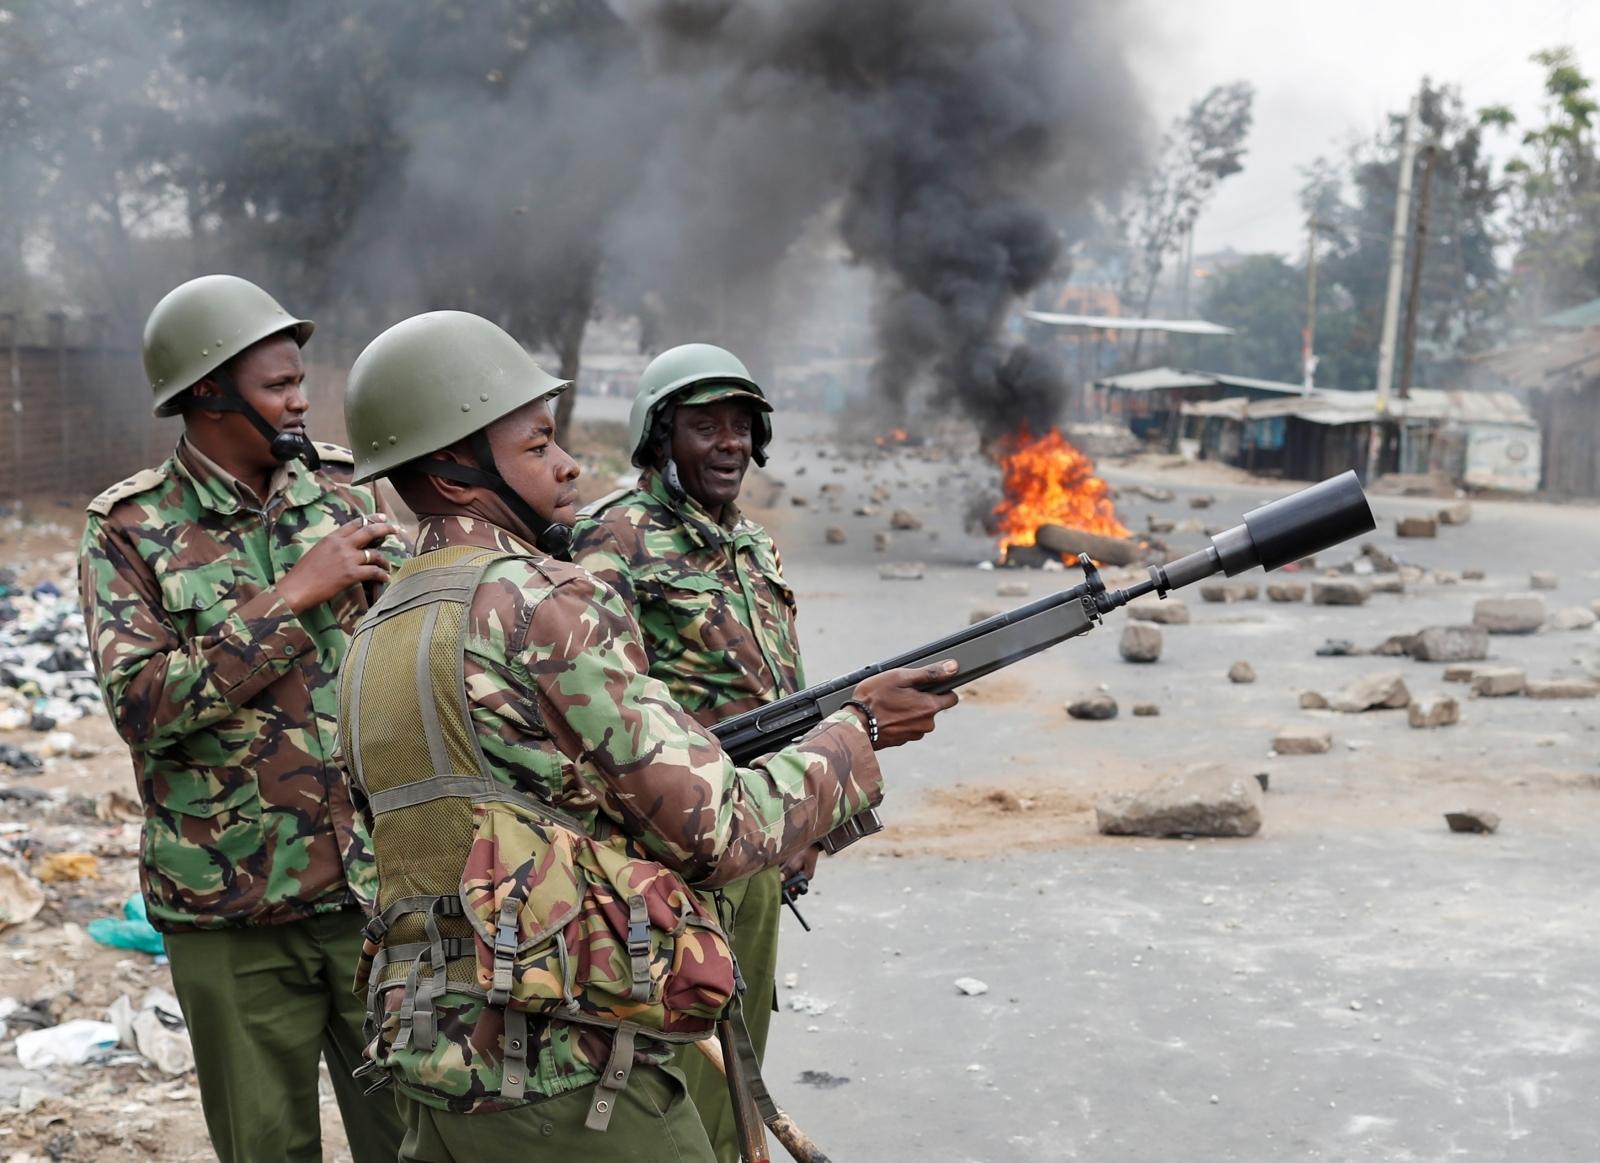 Kenya election protests